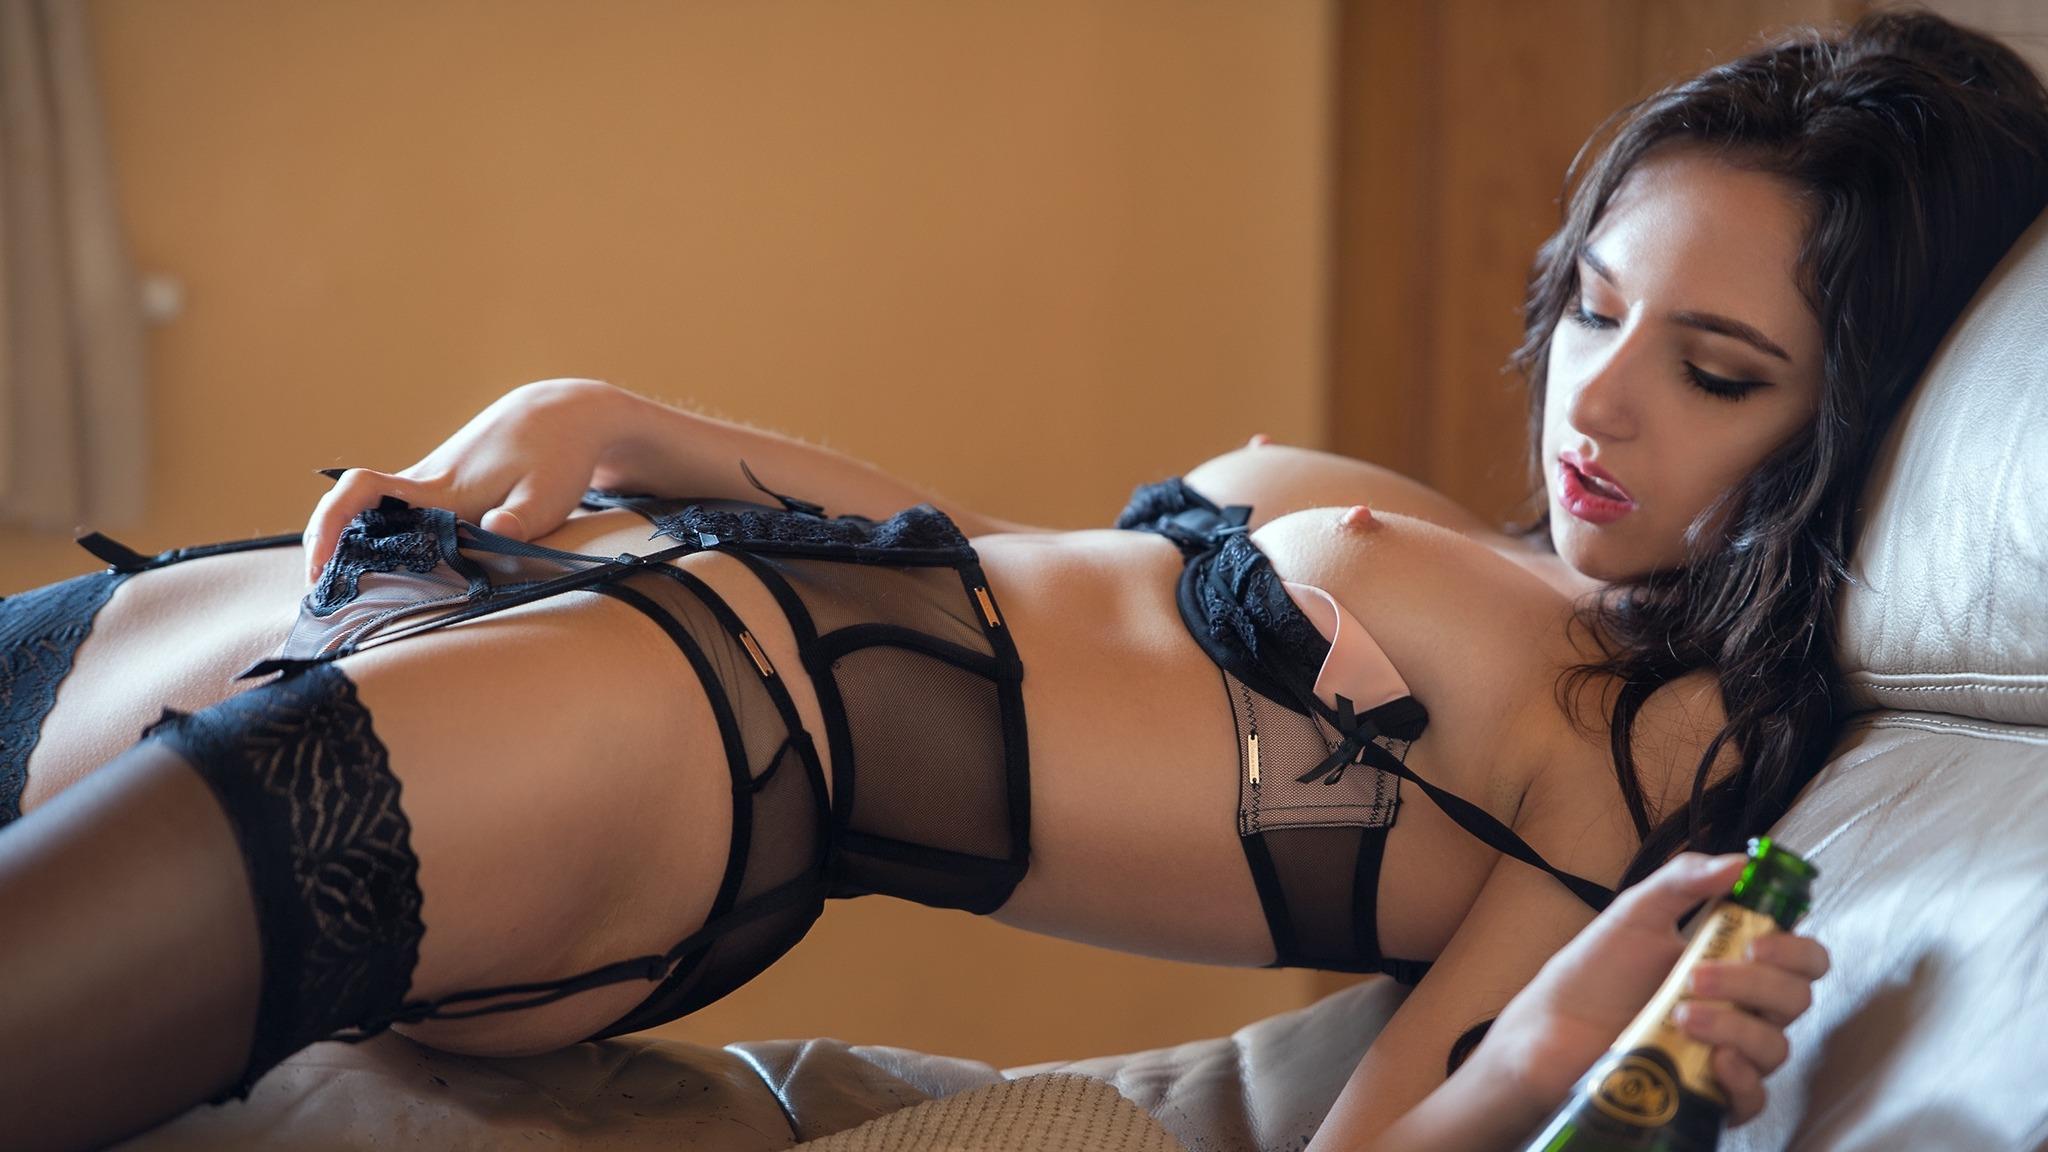 krasivie-zhenshini-foto-oboi-erotika